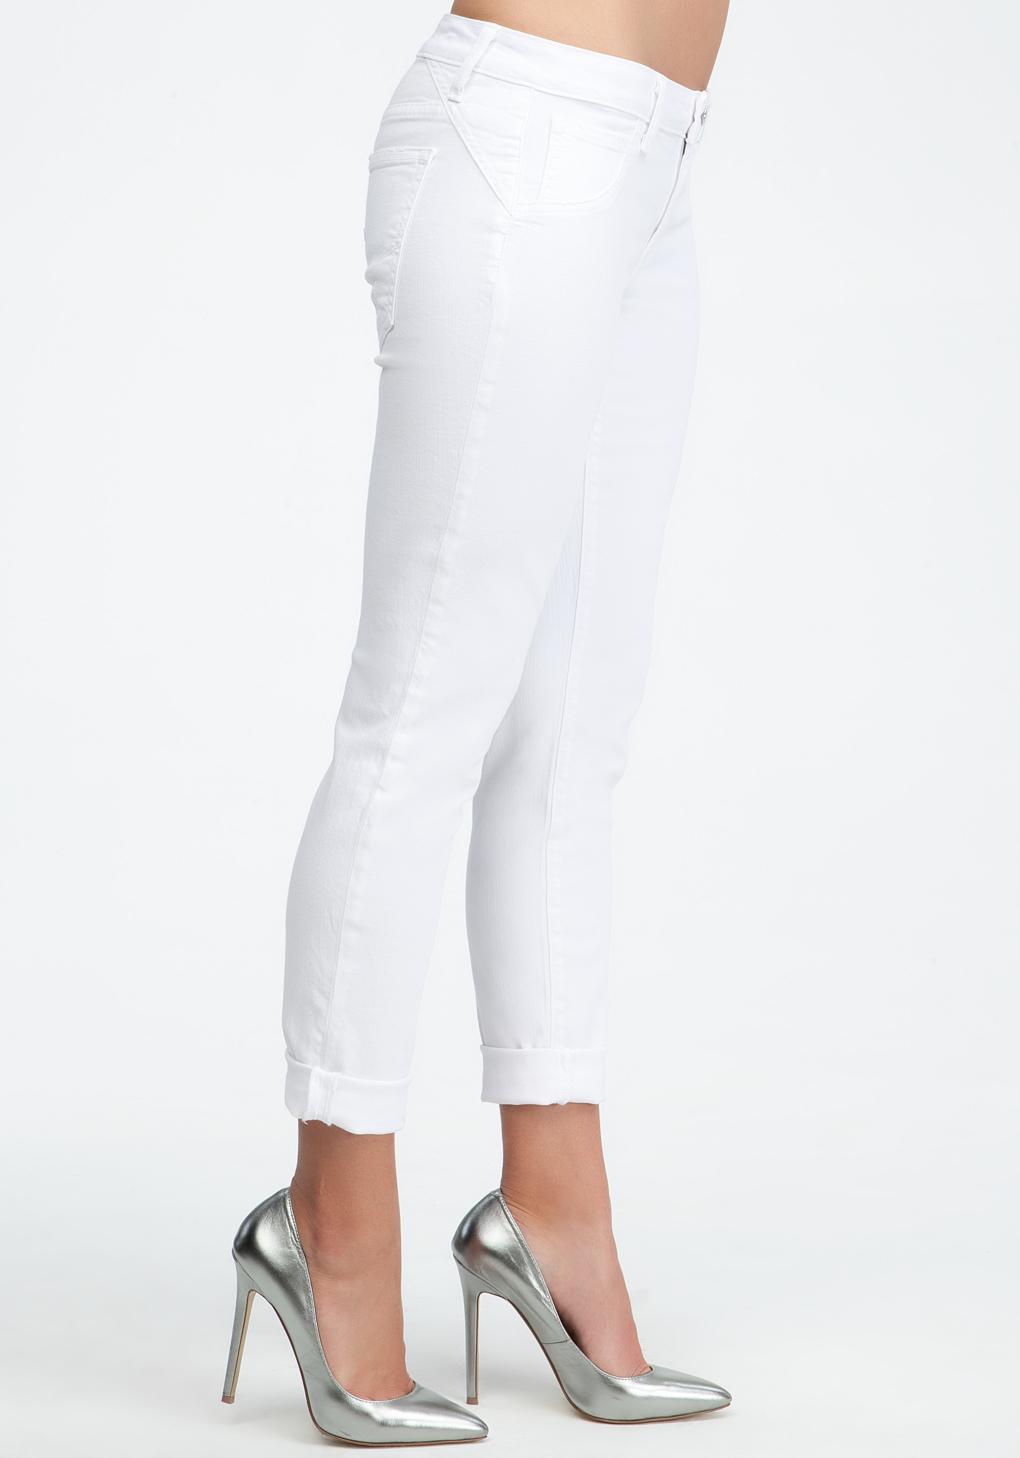 Bebe Cuffed Boyfriend Skinny Jeans in White | Lyst